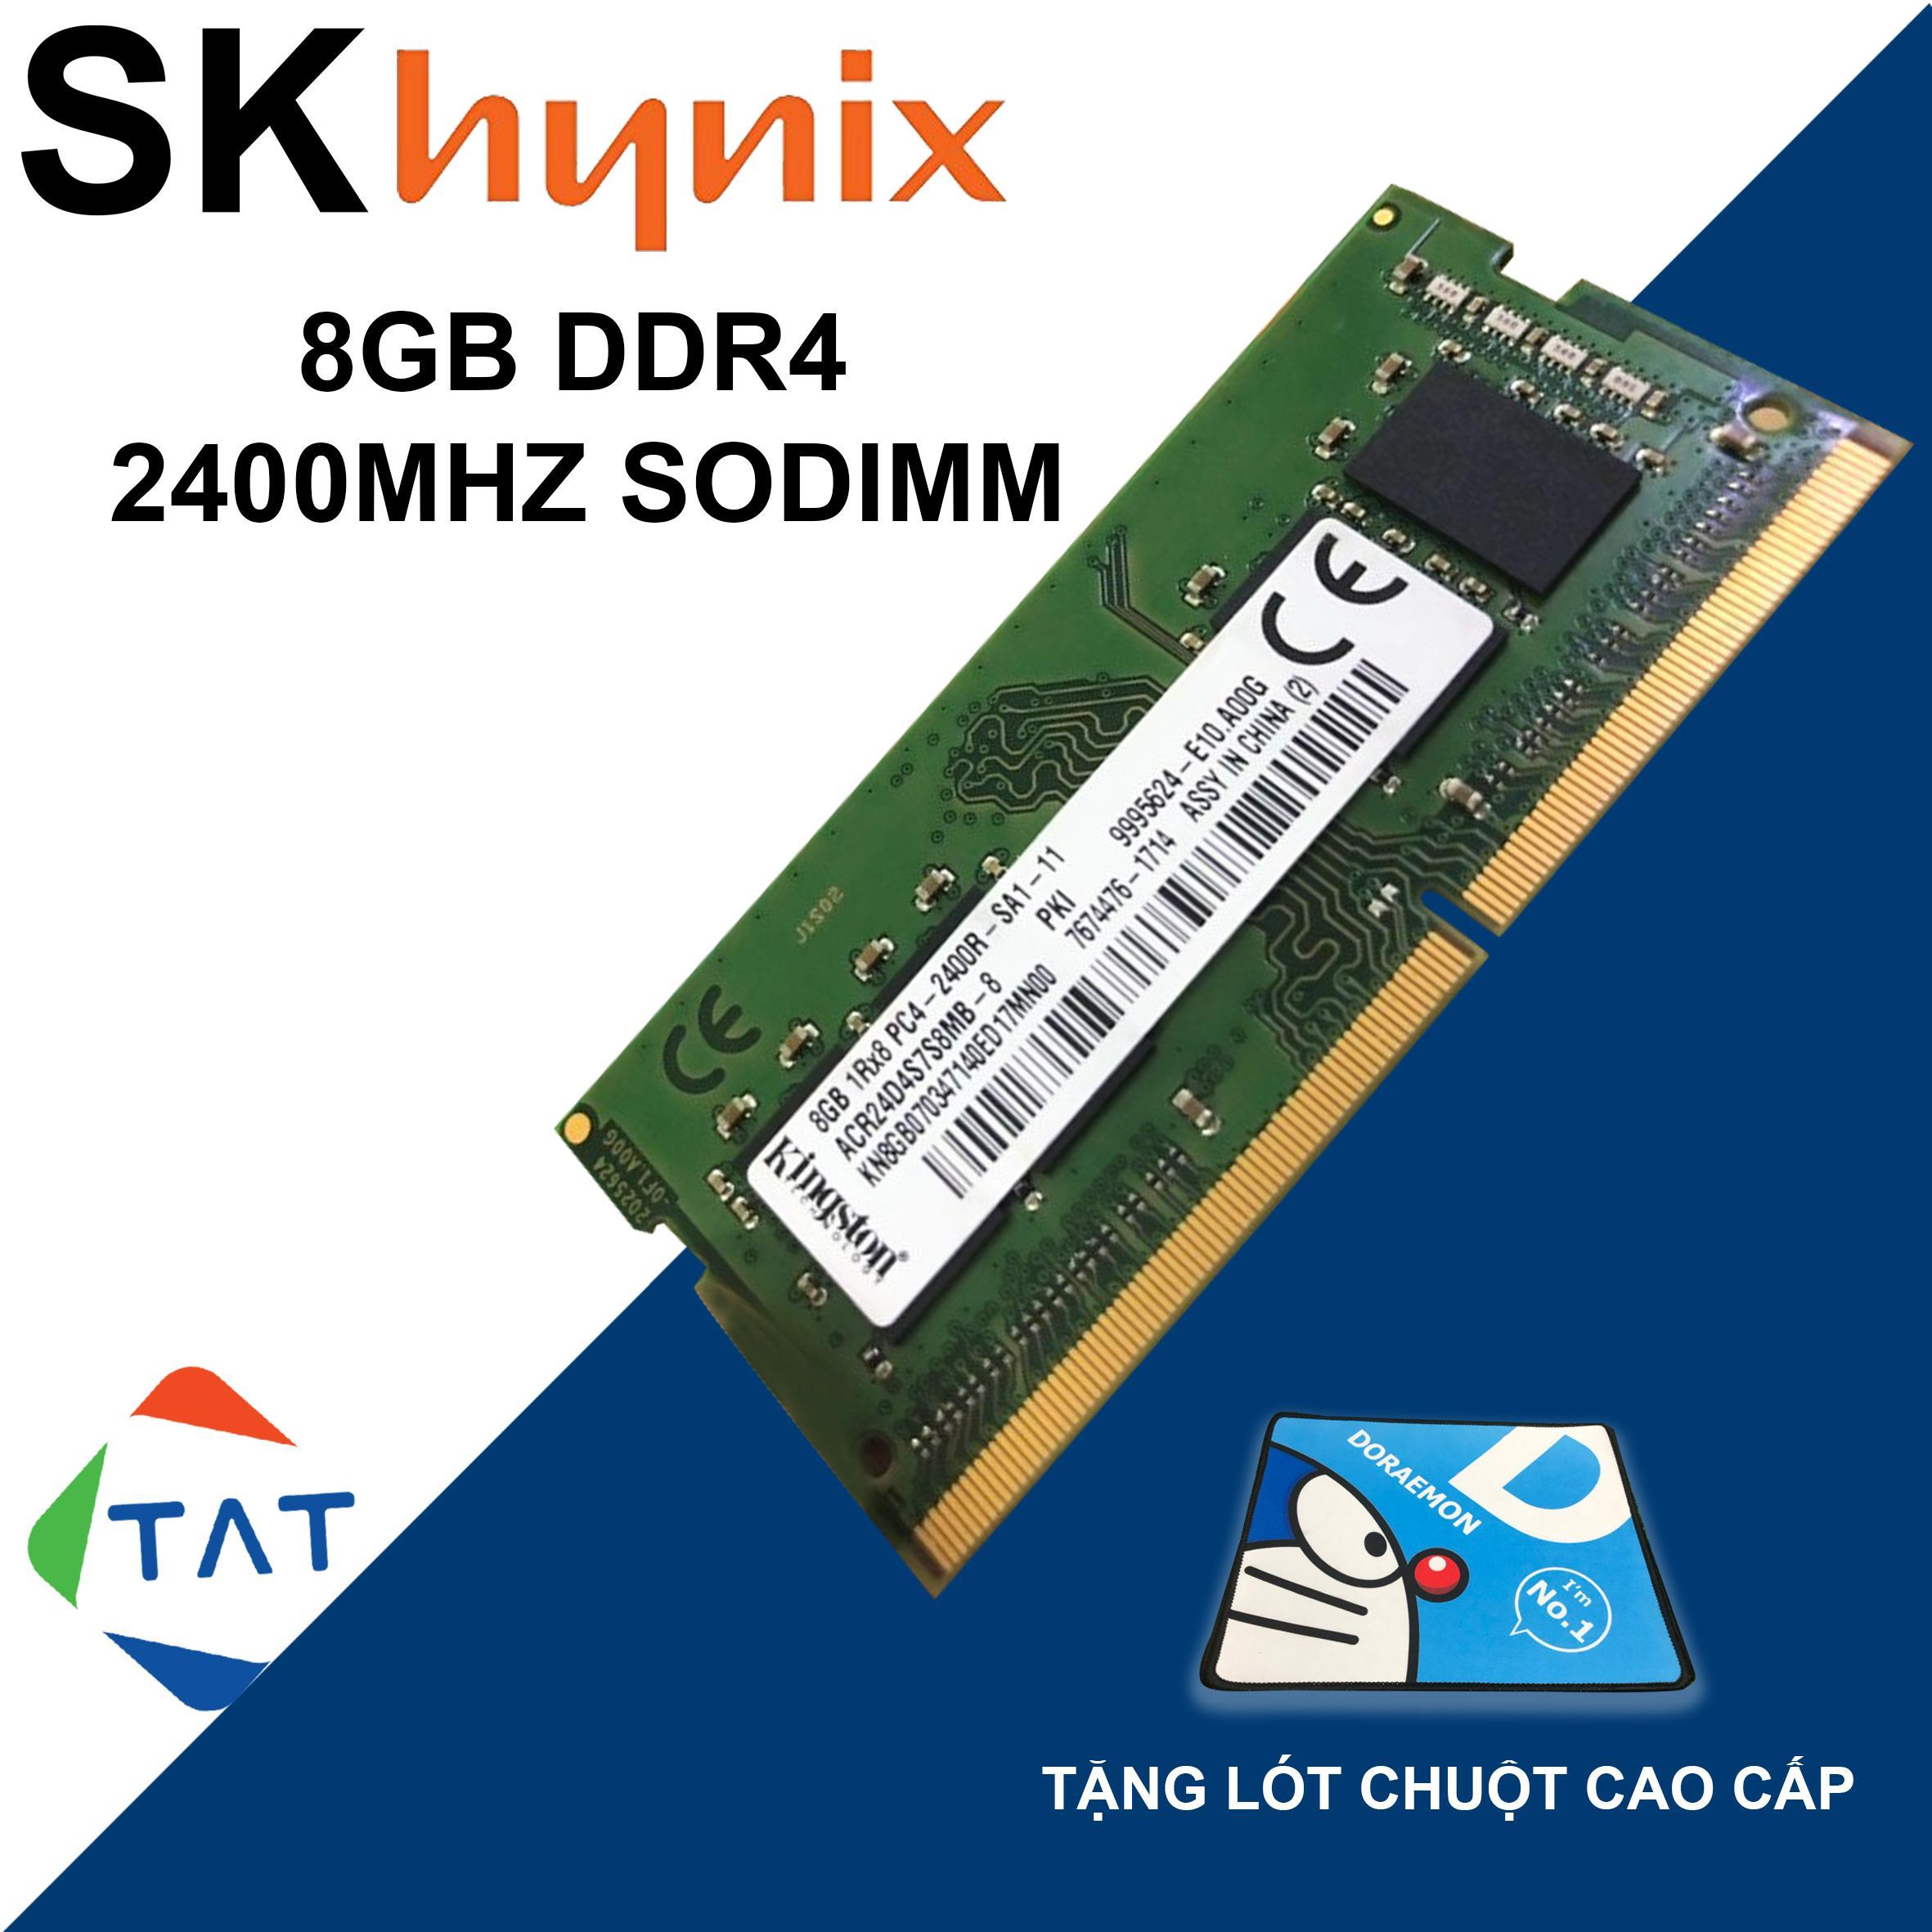 Giá RAM Hynix 8GB DDR4 Bus 2400MHz 1.2V Dùng Cho Laptop Macbook Bảo Hành 36 Tháng 1 Đổi 1